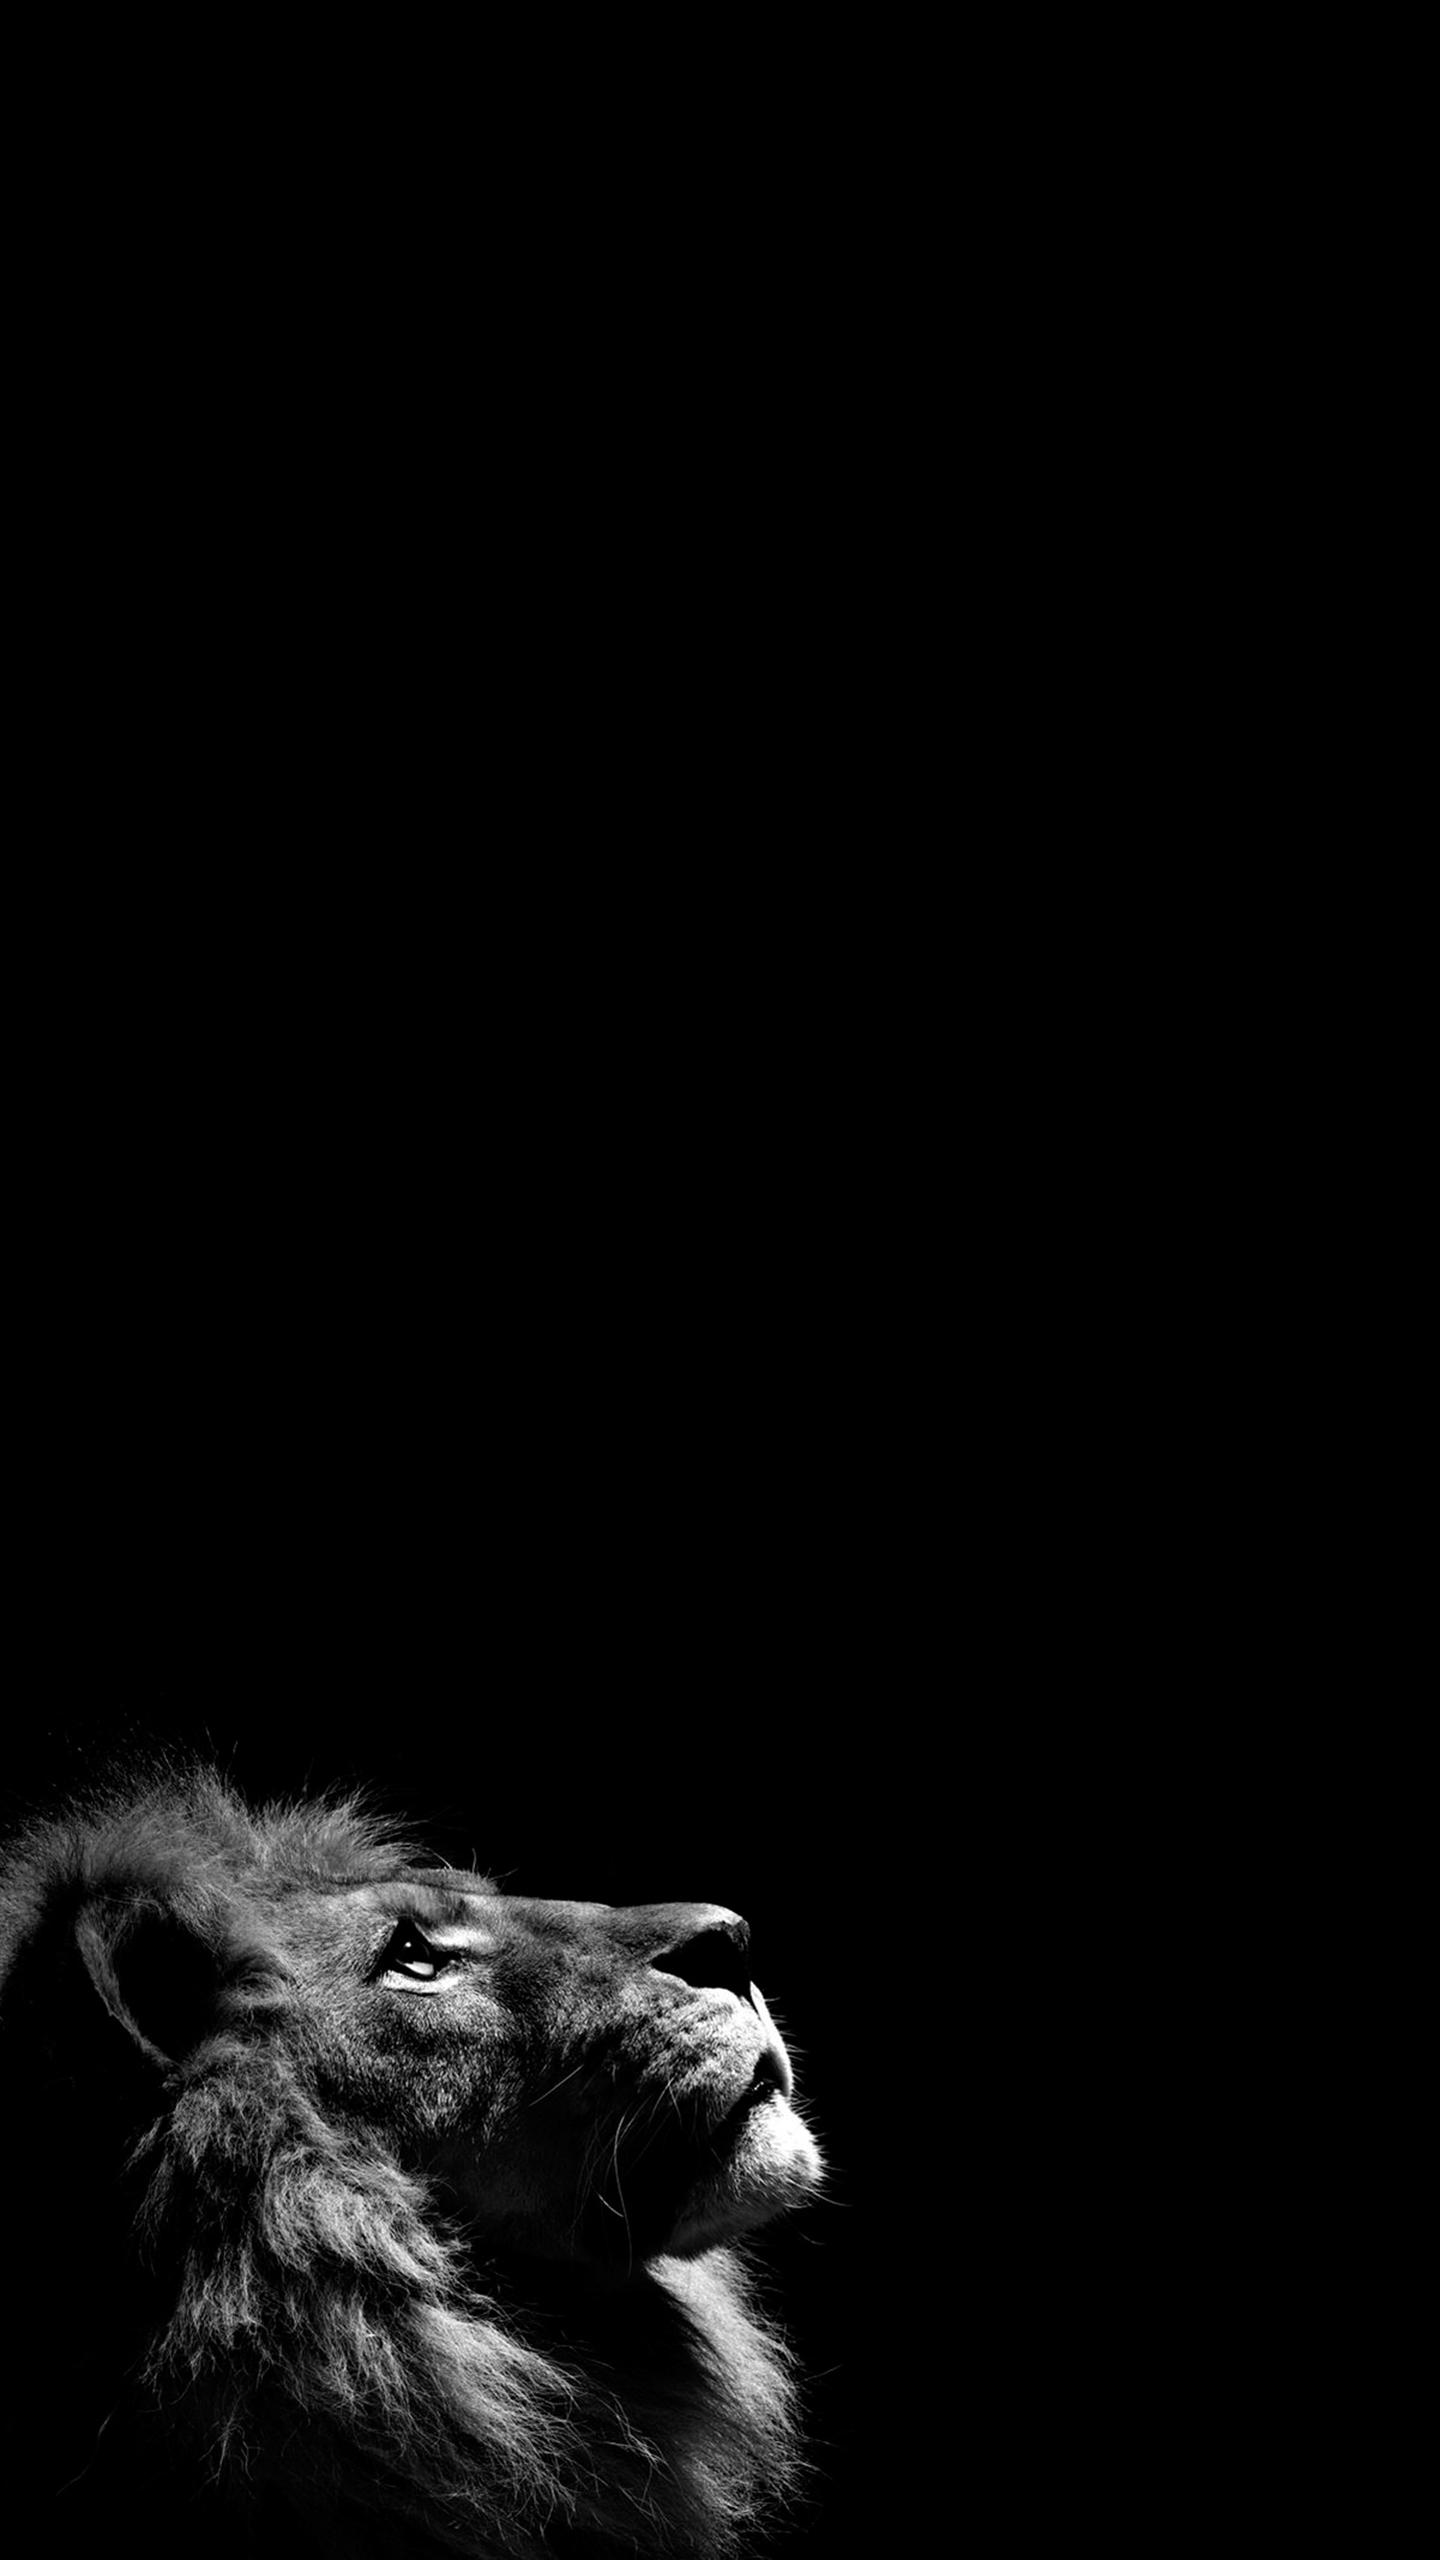 темные картинки для фона телефона горных